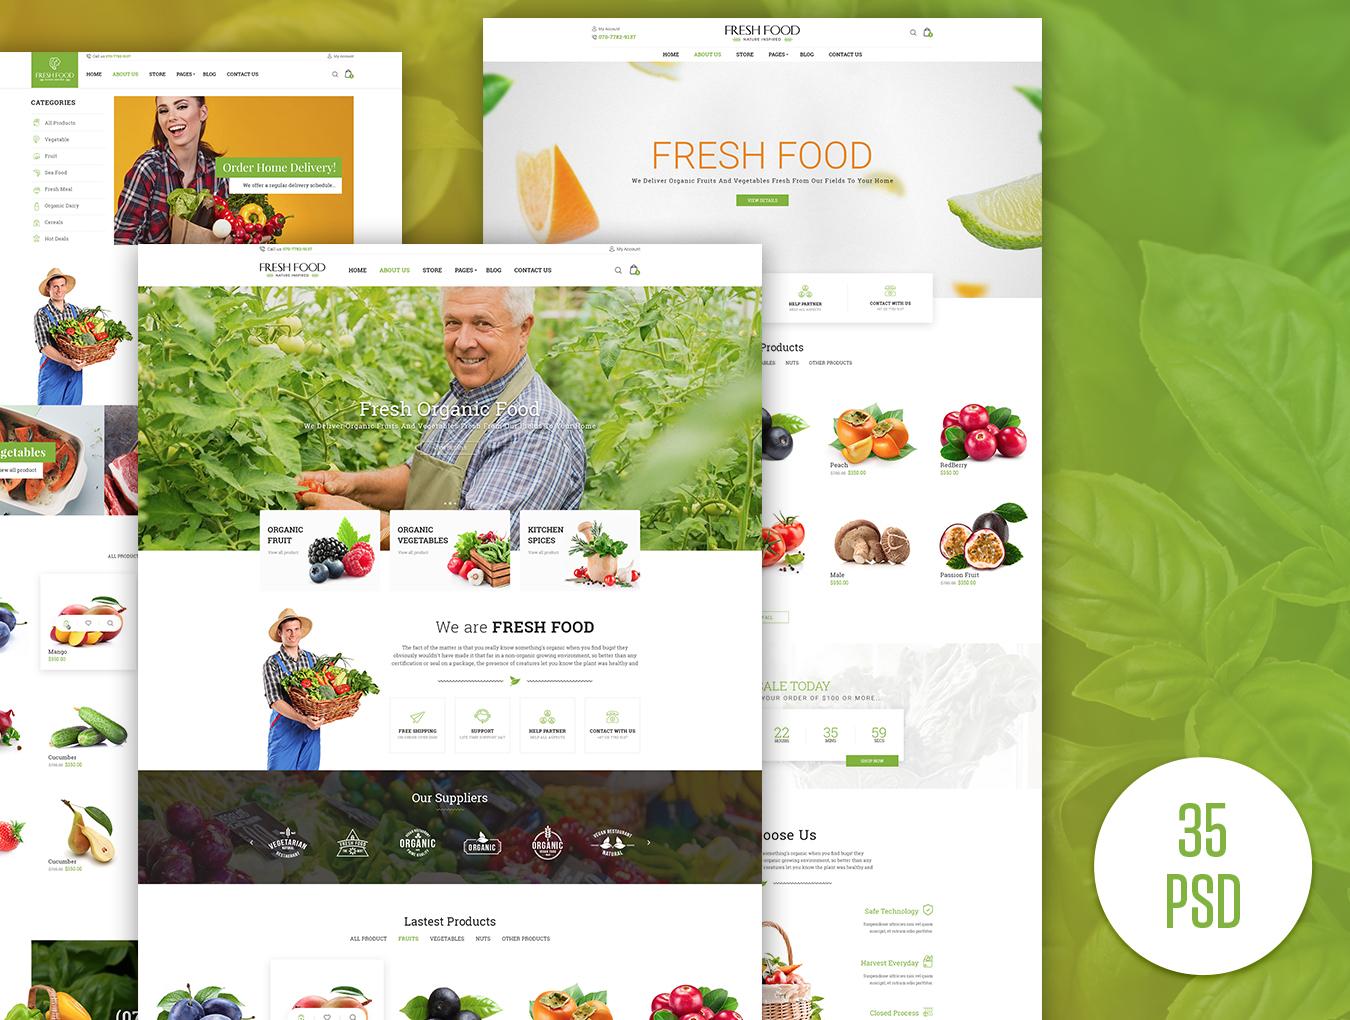 绿色有机食品电子购物网站模板.PSD素材下载 网页模板-第2张